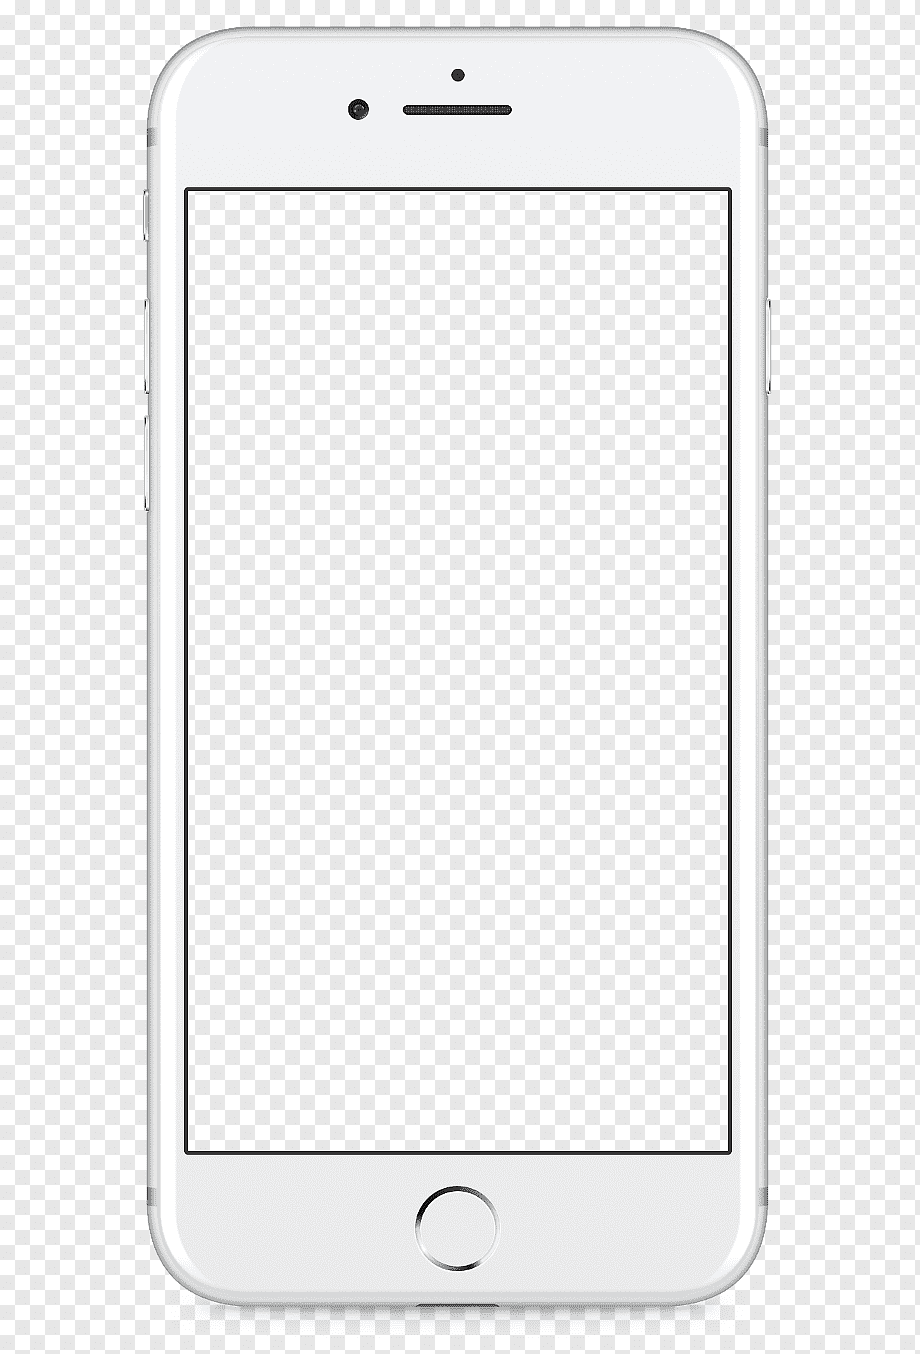 IPhone prateado 6, iPhone 5 iPhone 3GS iPhone 6 Plus